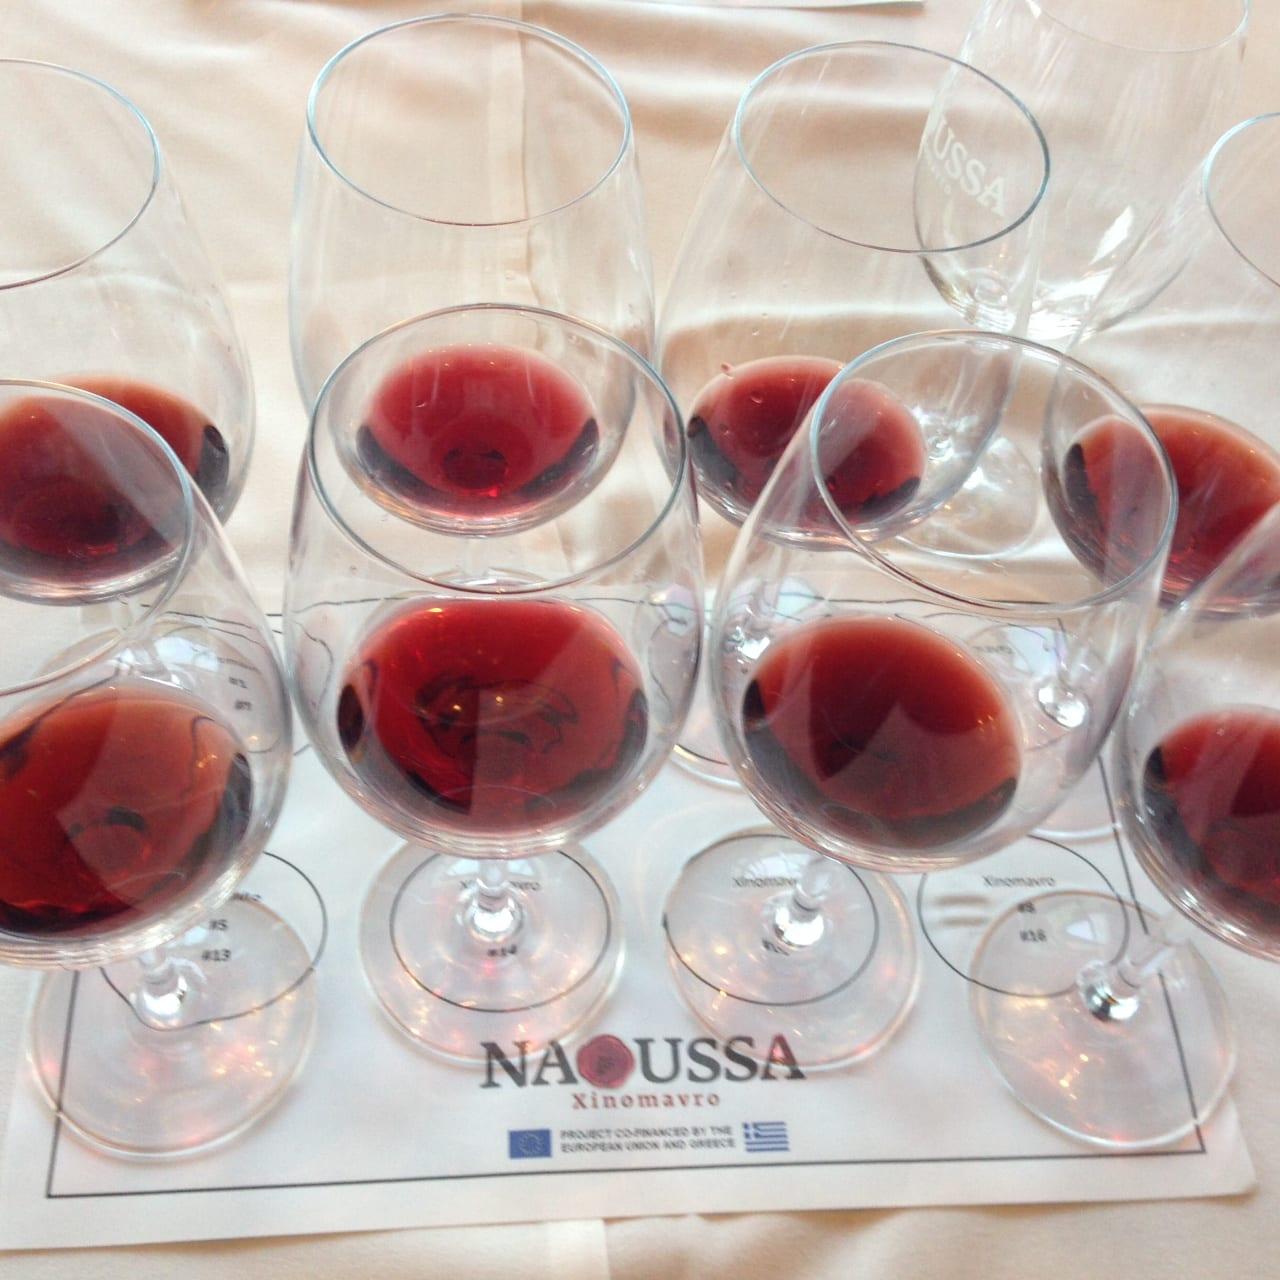 Wines from Naoussa Xinomavro